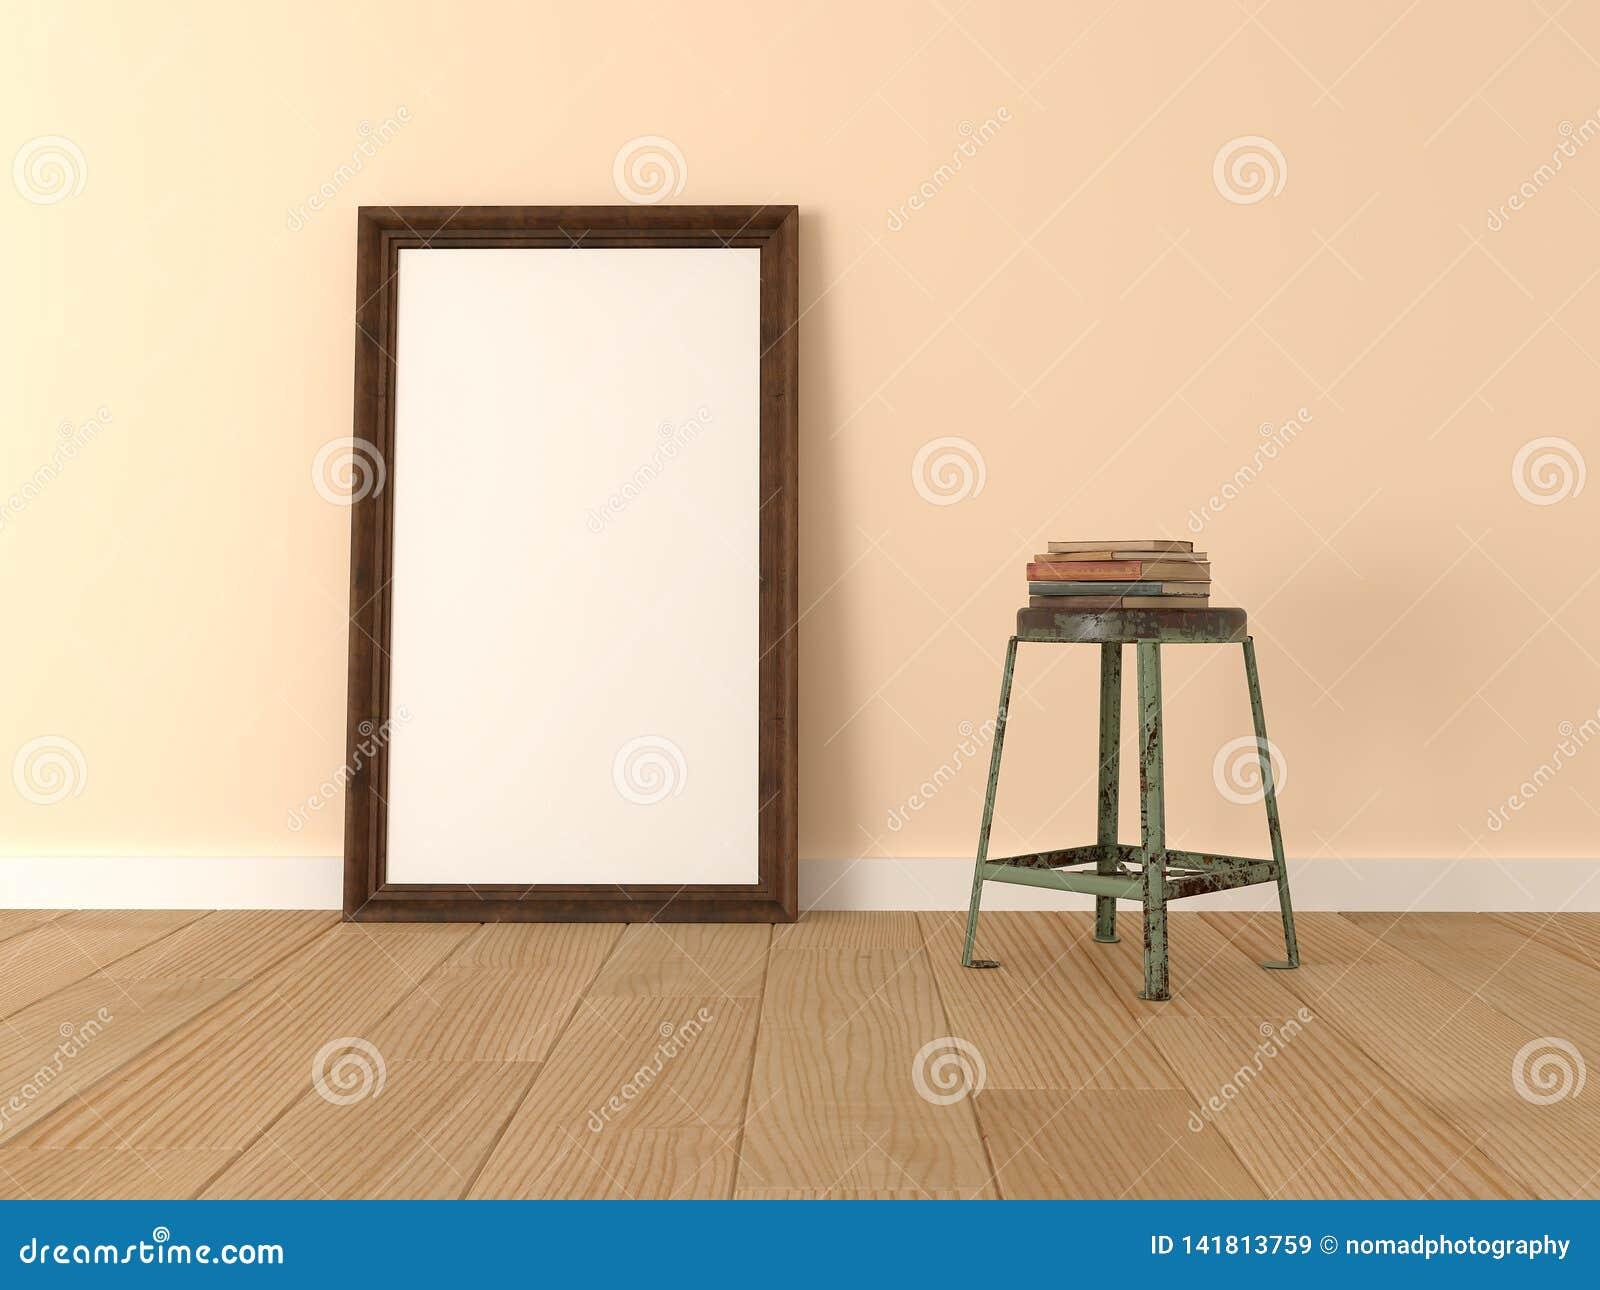 Falsk övre affisch, träram i rum